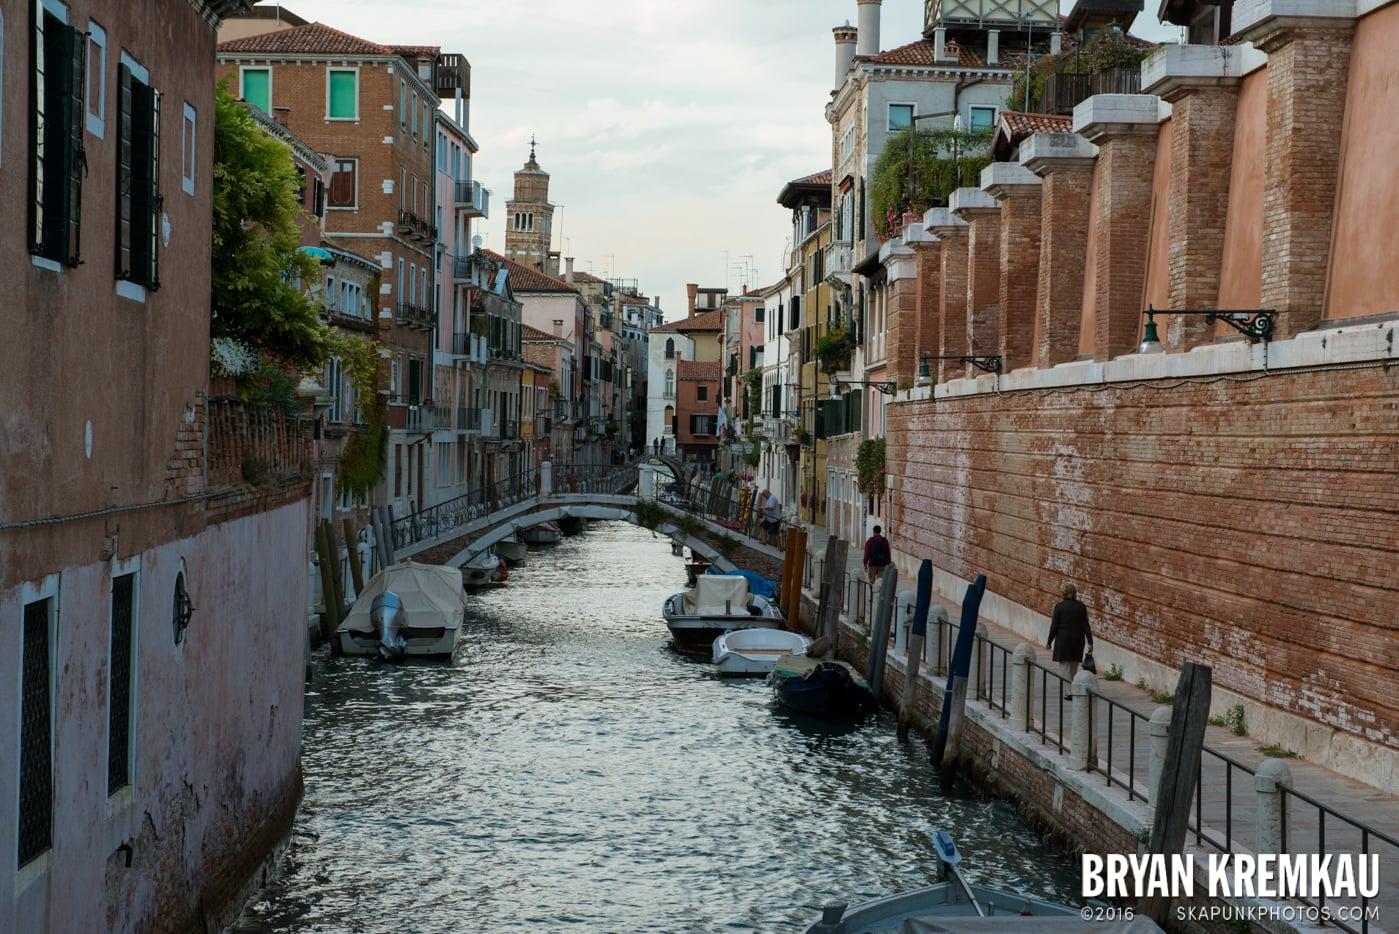 Italy Vacation - Day 4: Venice - 9.12.13 (12)